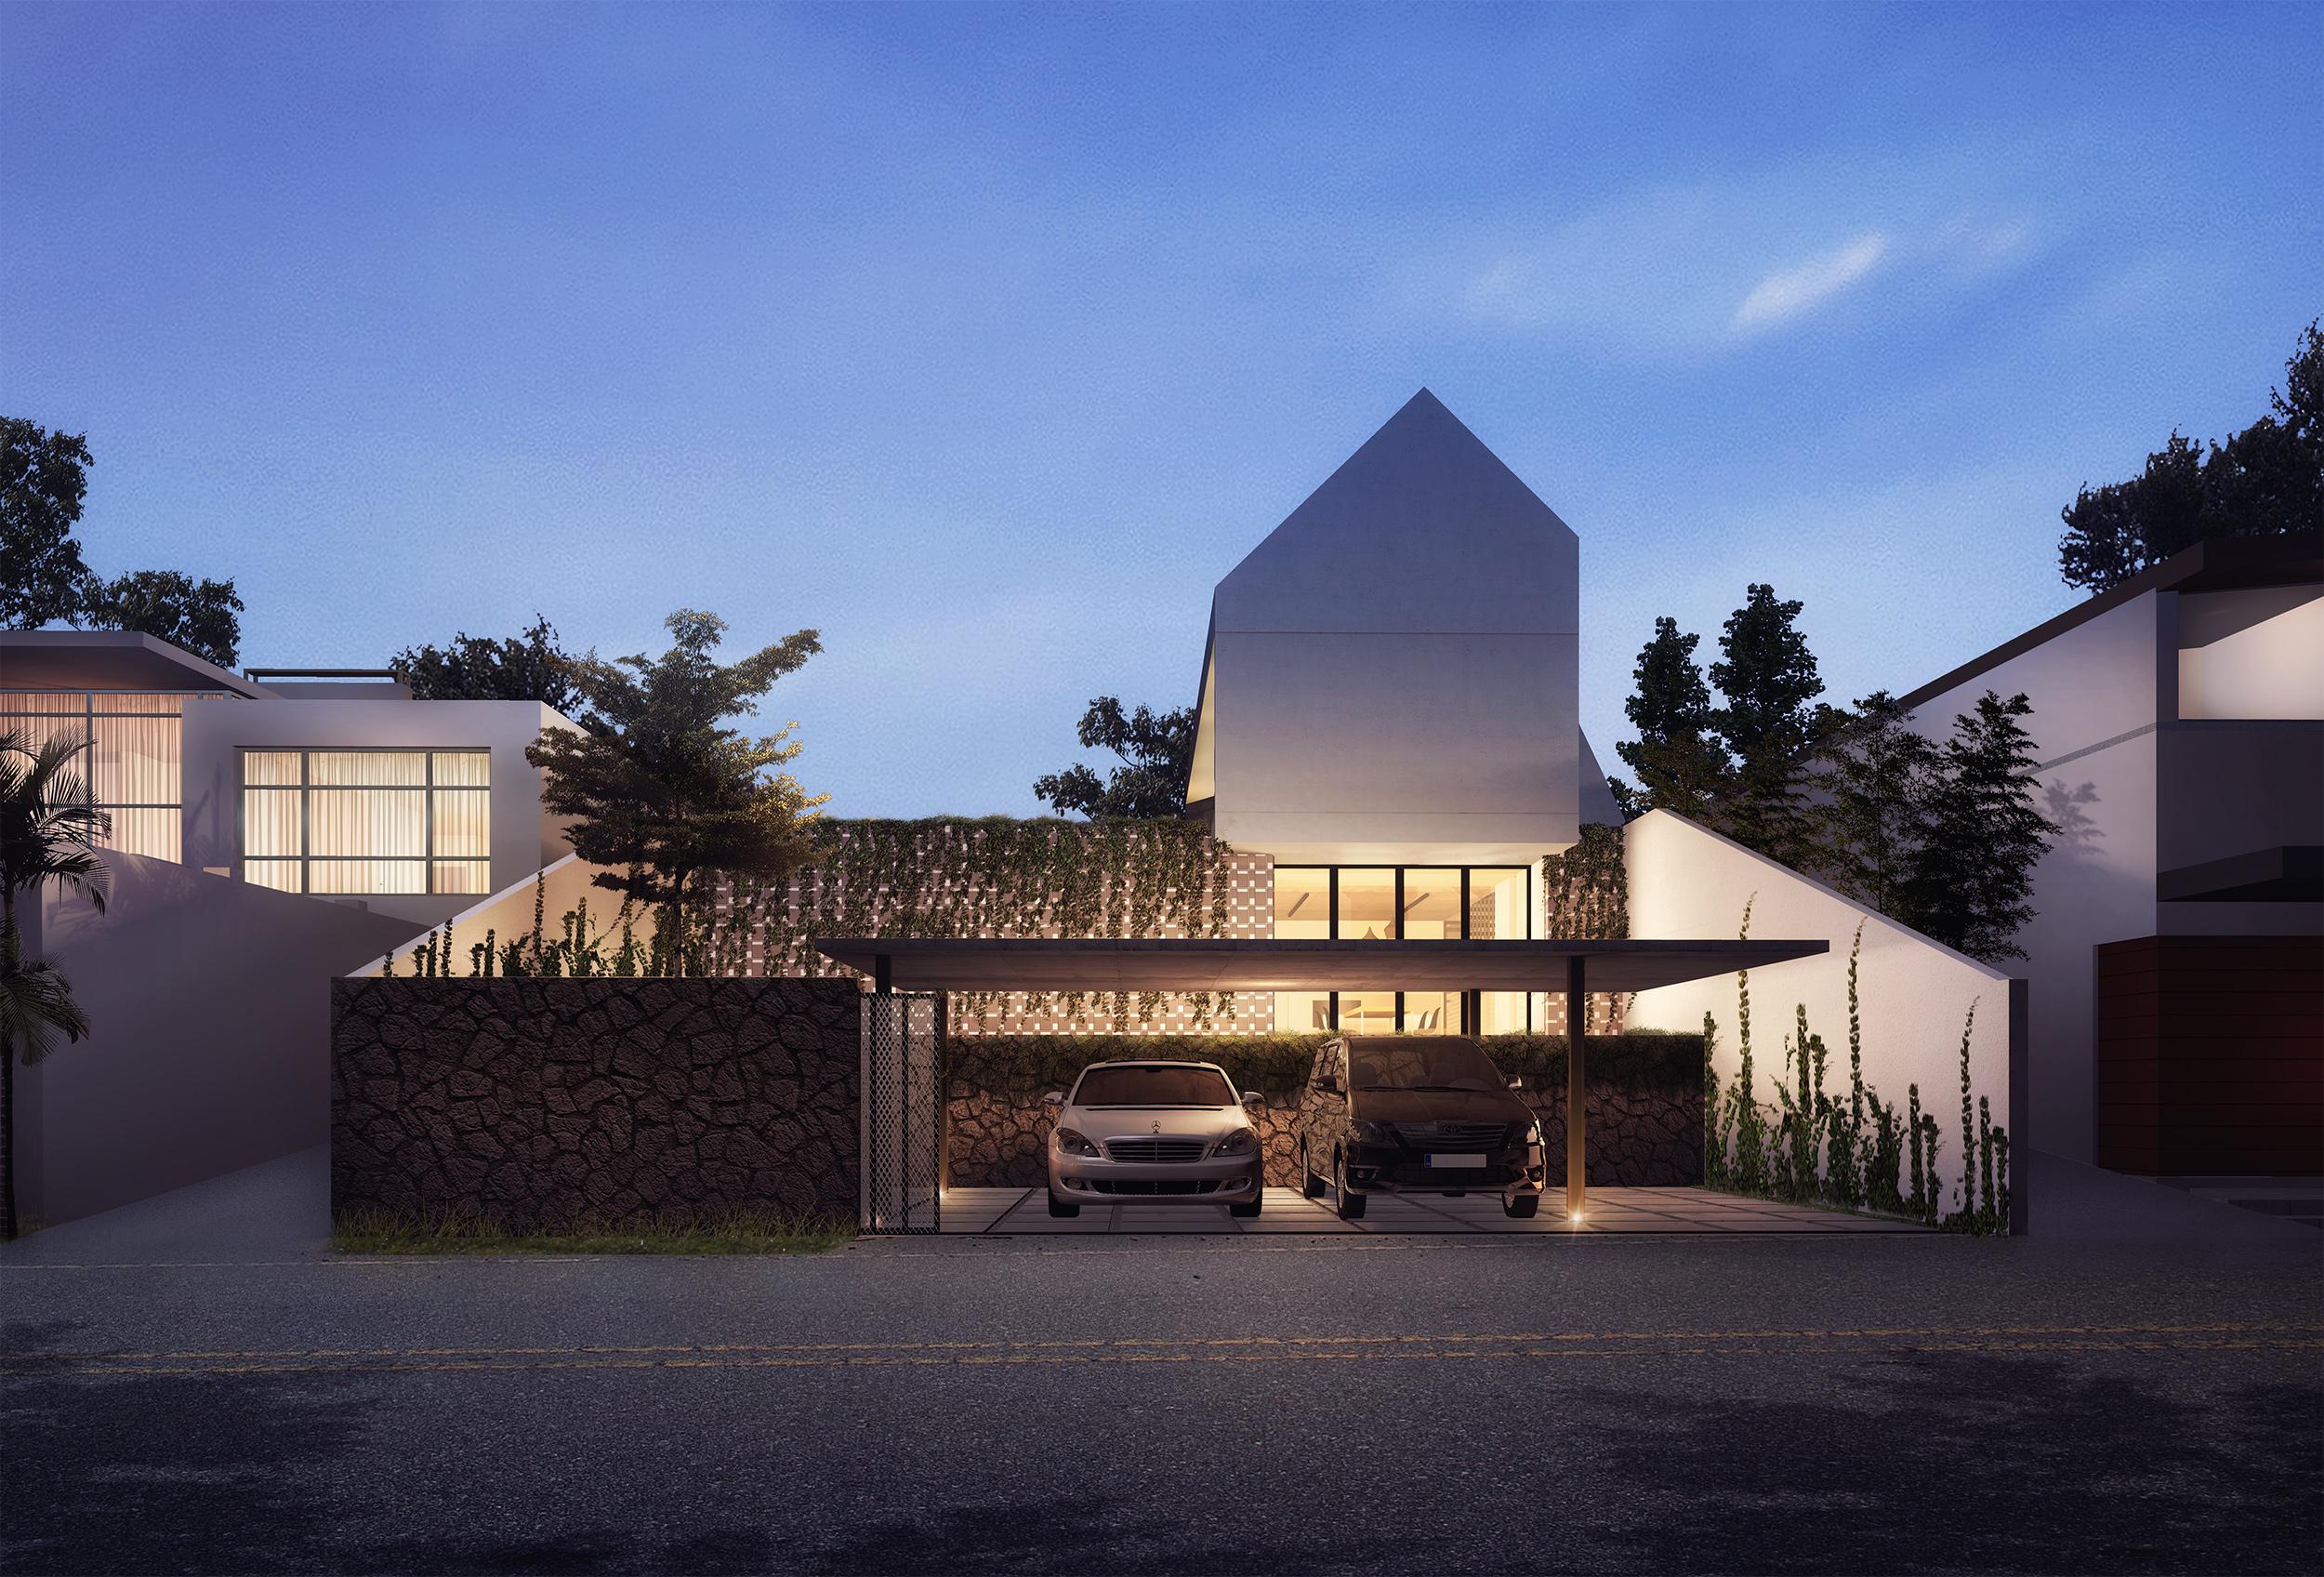 MAWAR HOUSE